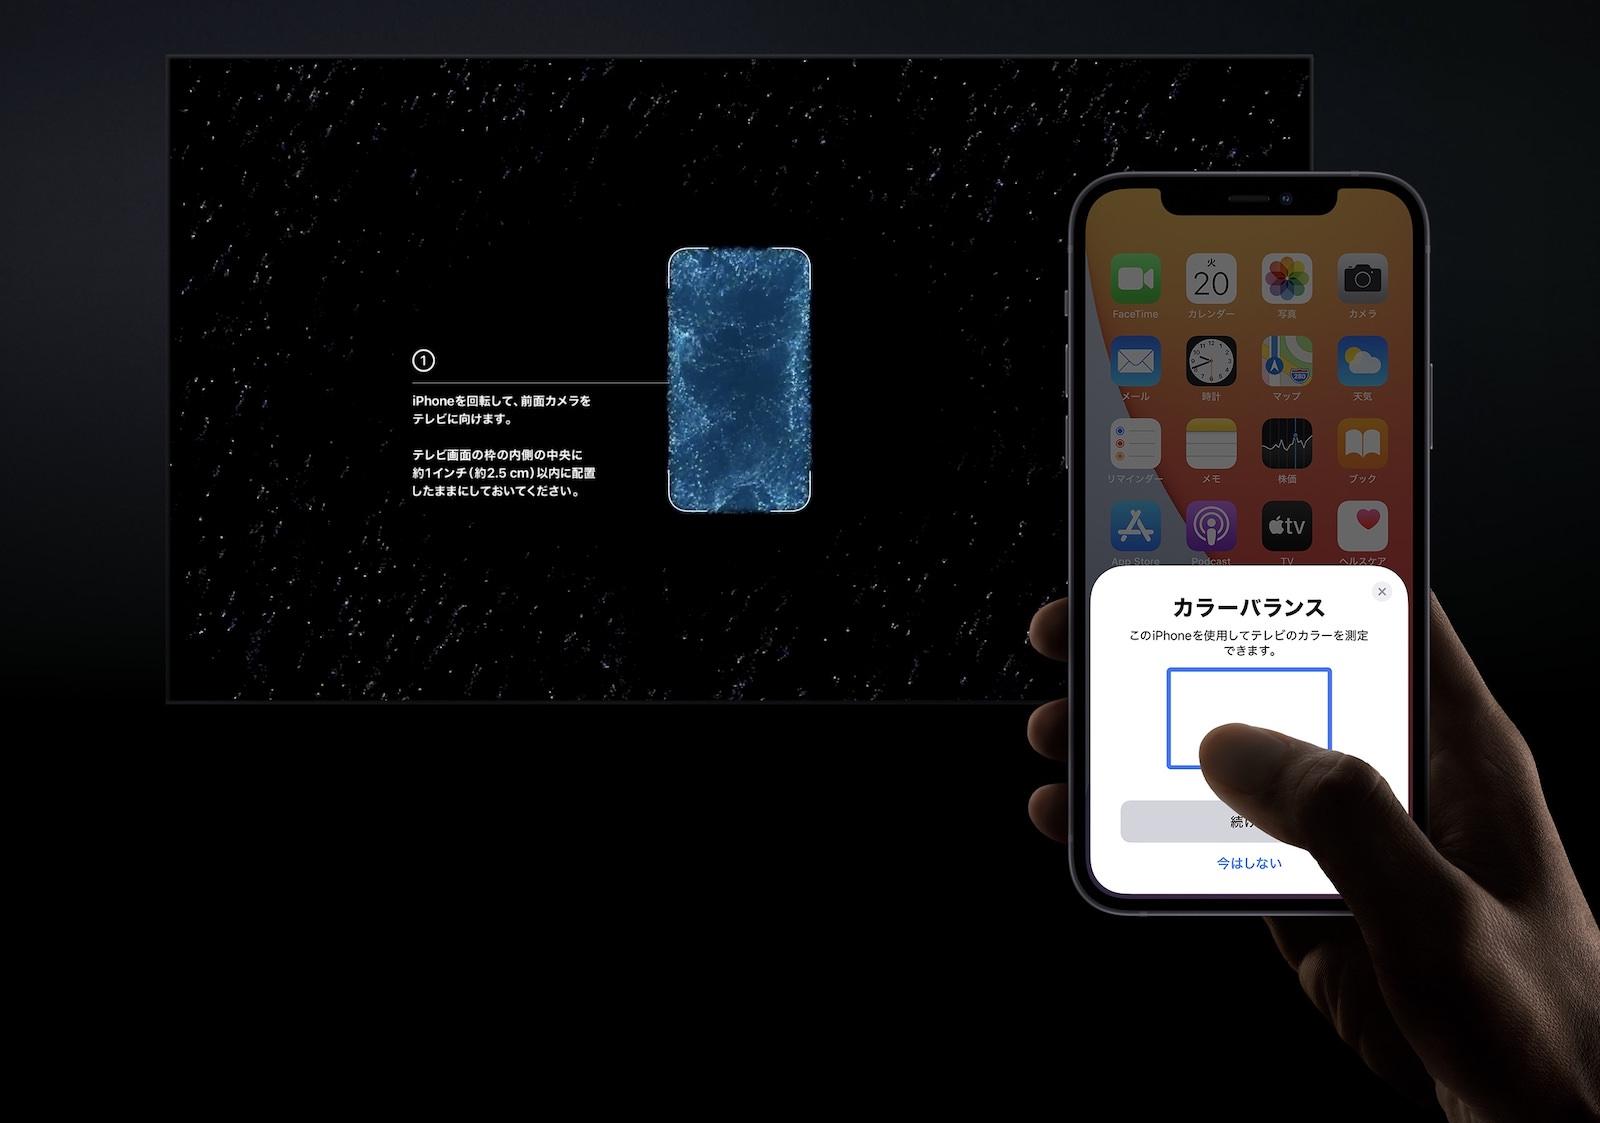 Iphone sensor feature